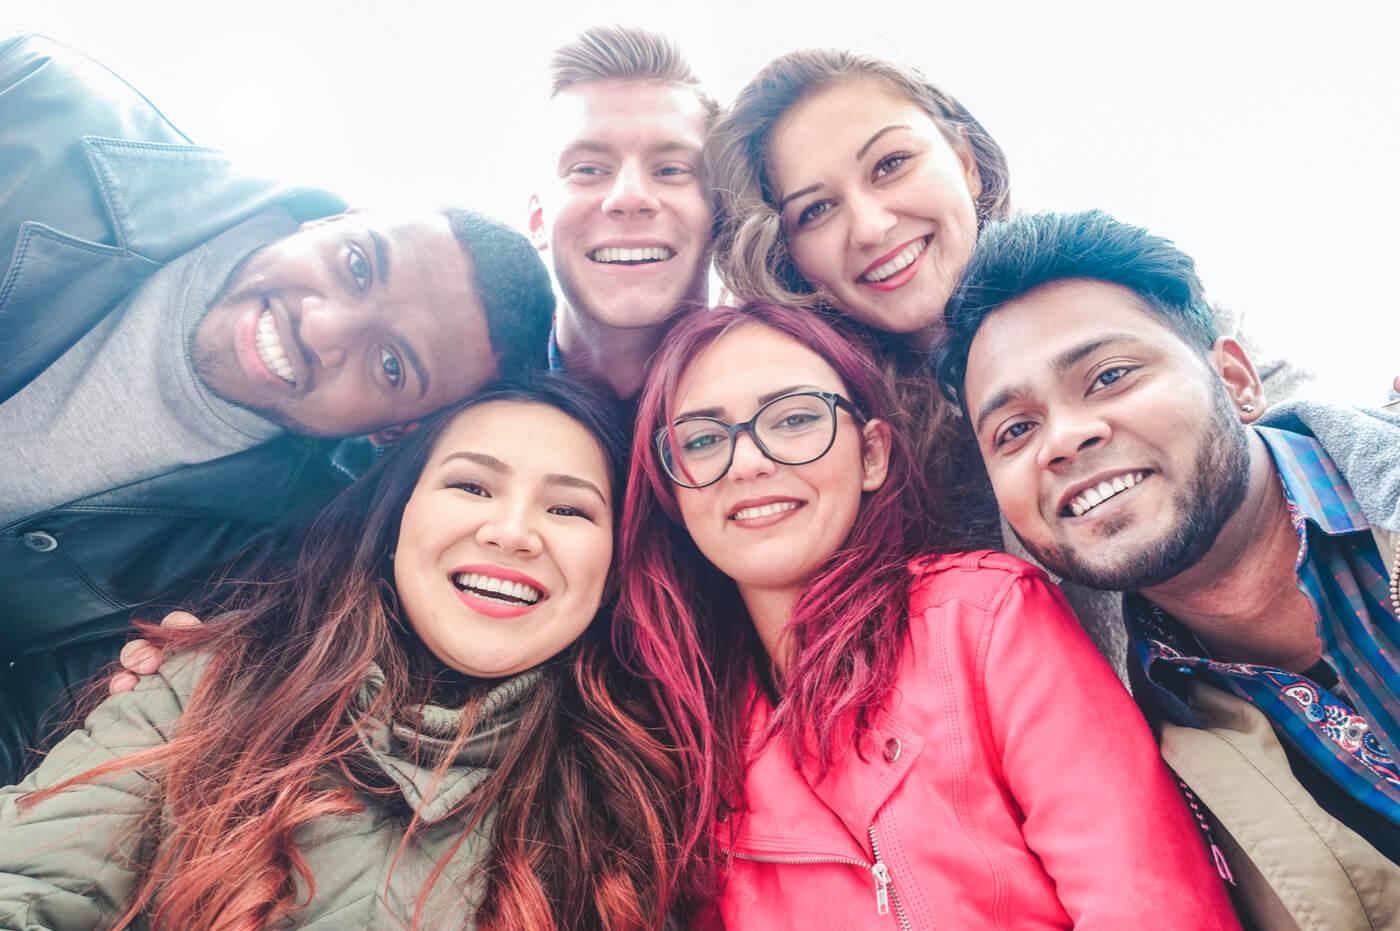 Narcyzm kolektywny – grupy, które się uwielbiają